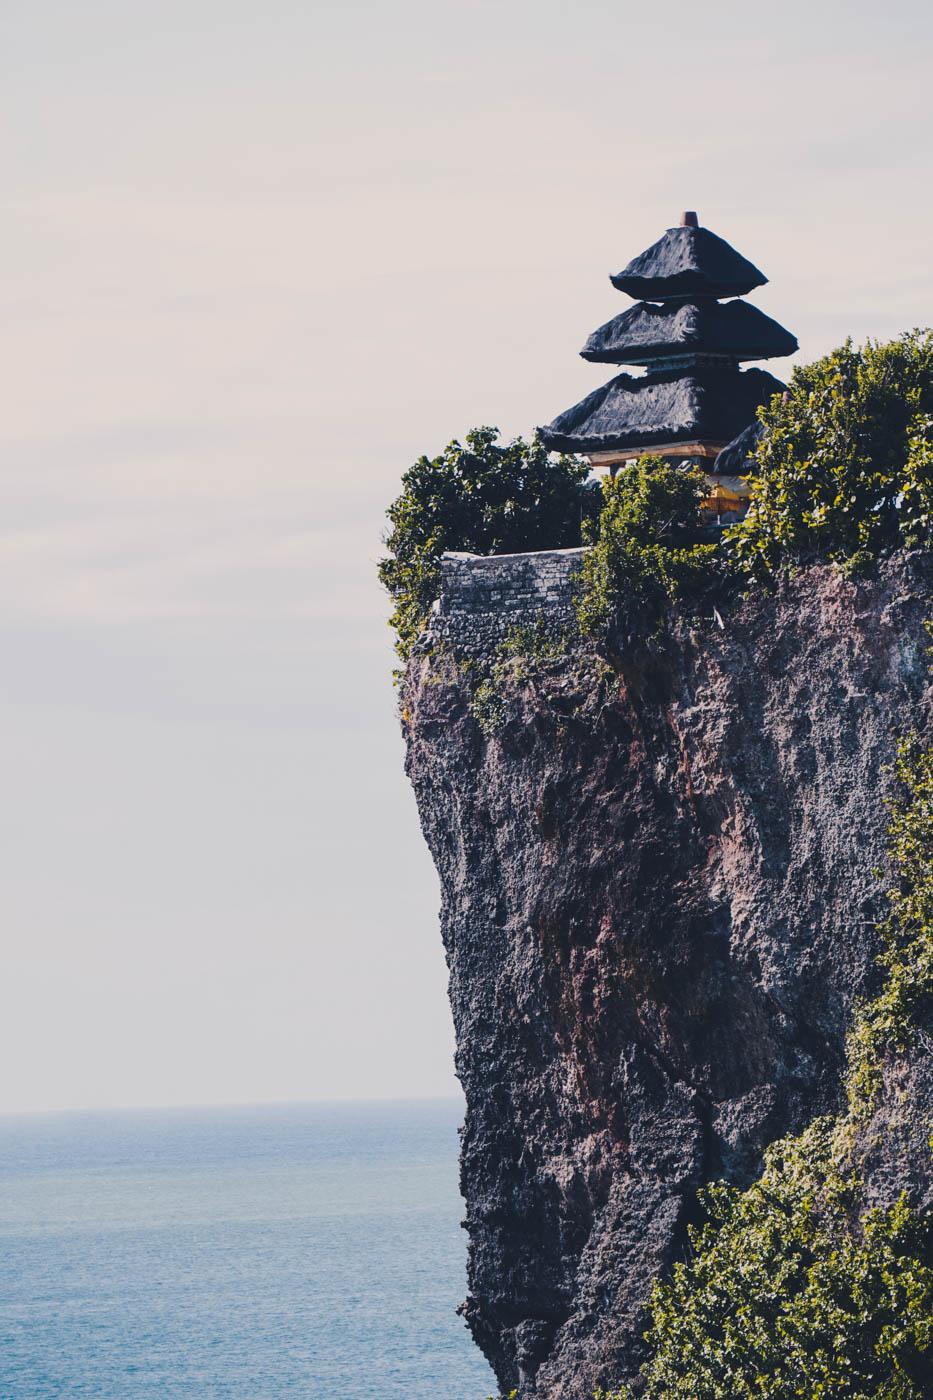 Uluwatu Temple, Bali Itinerary #traveldestinations #bali #beautifulplaces